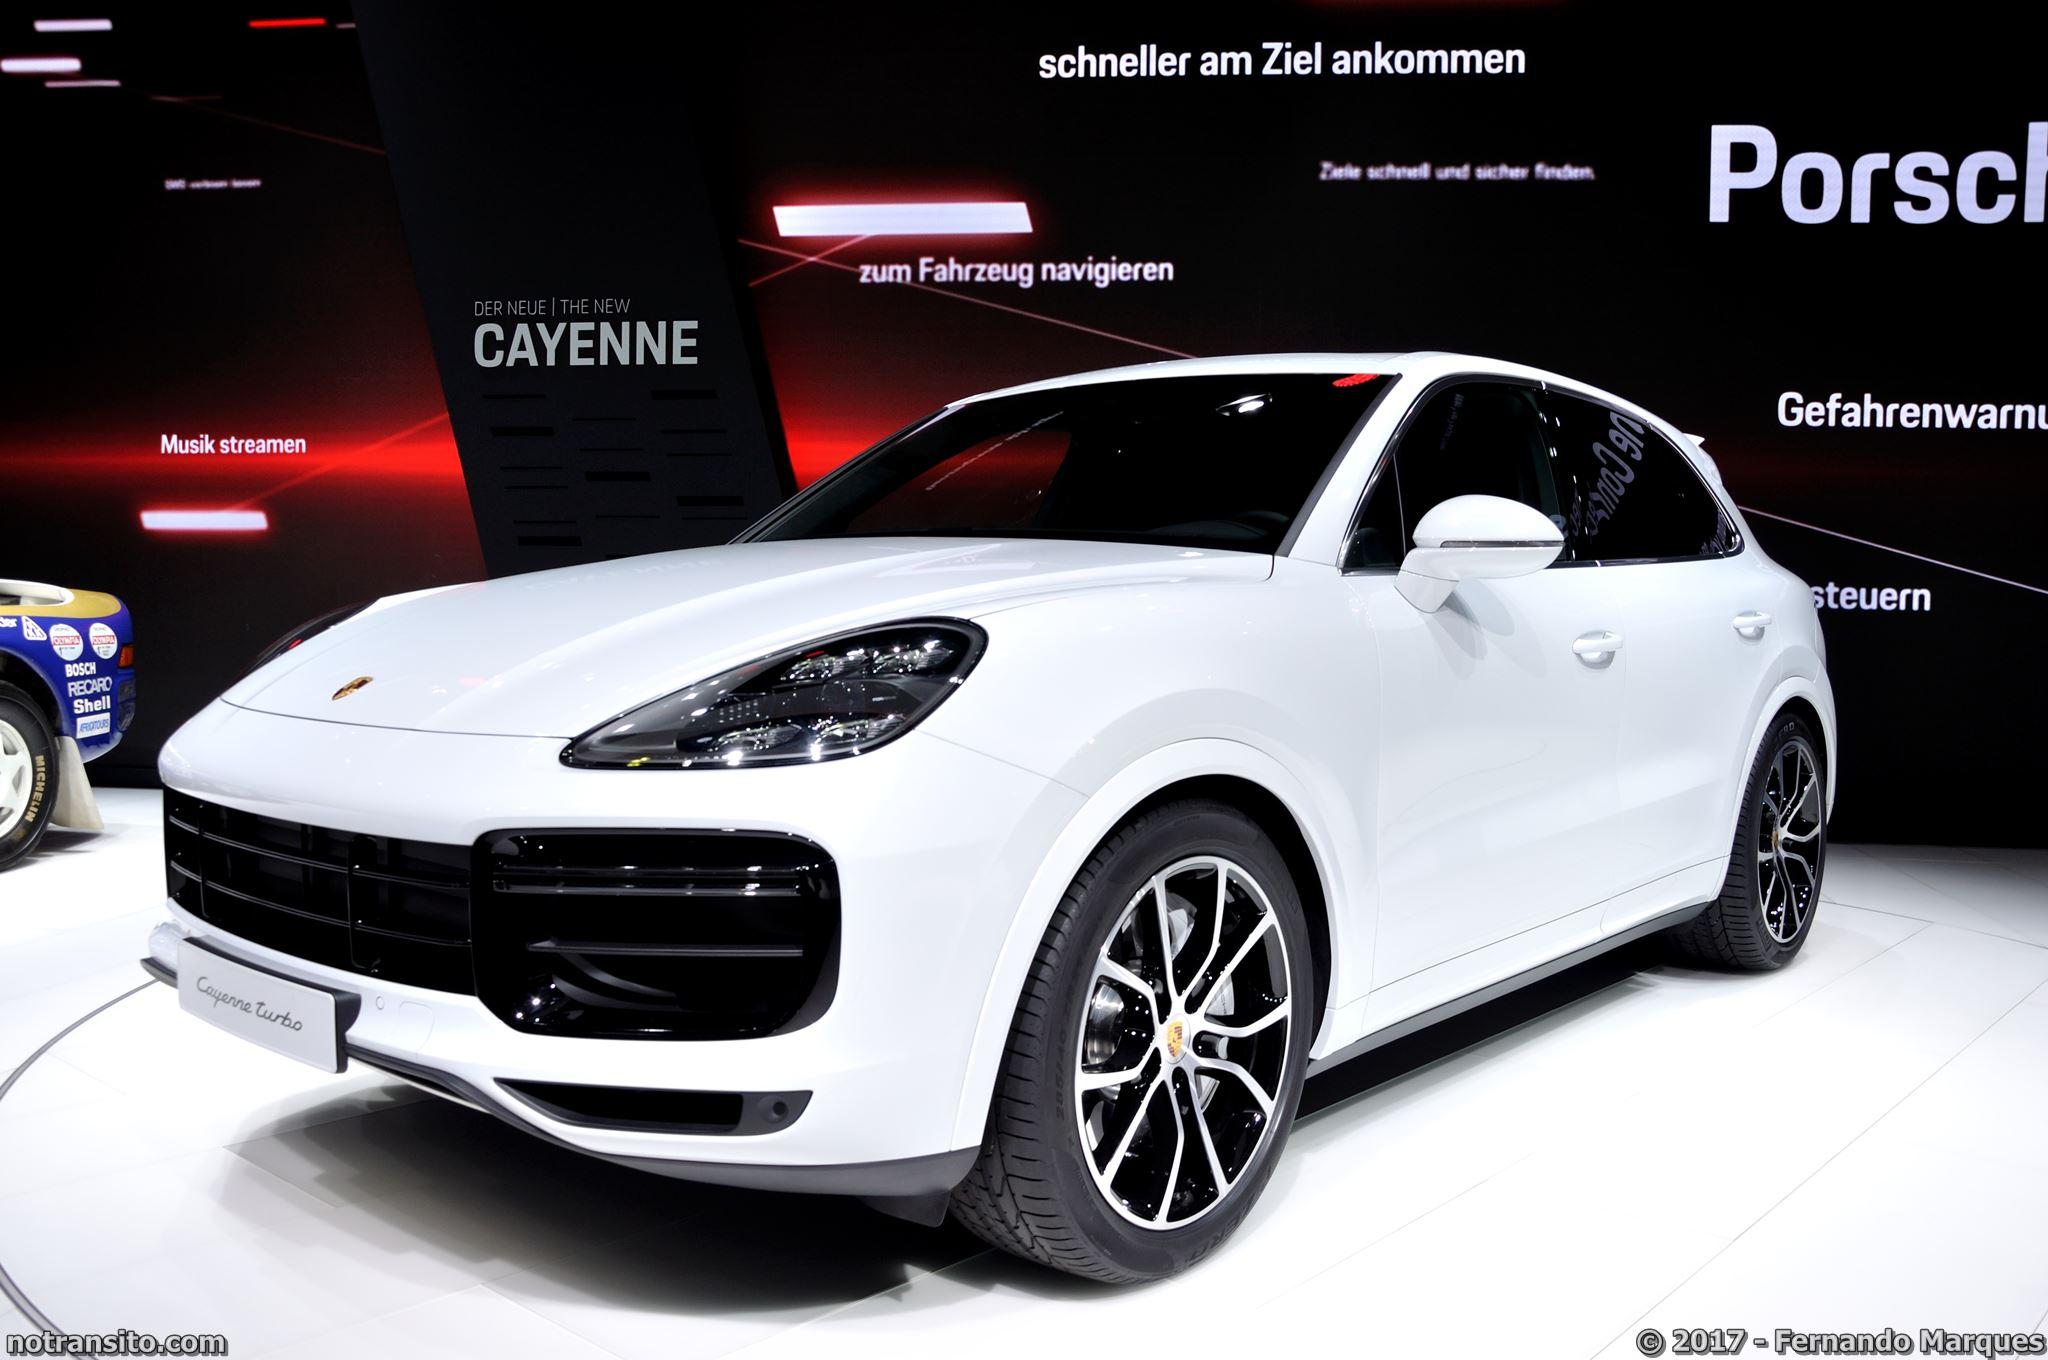 Porsche-Cayenne-Turbo-Frankfurt-2017-003